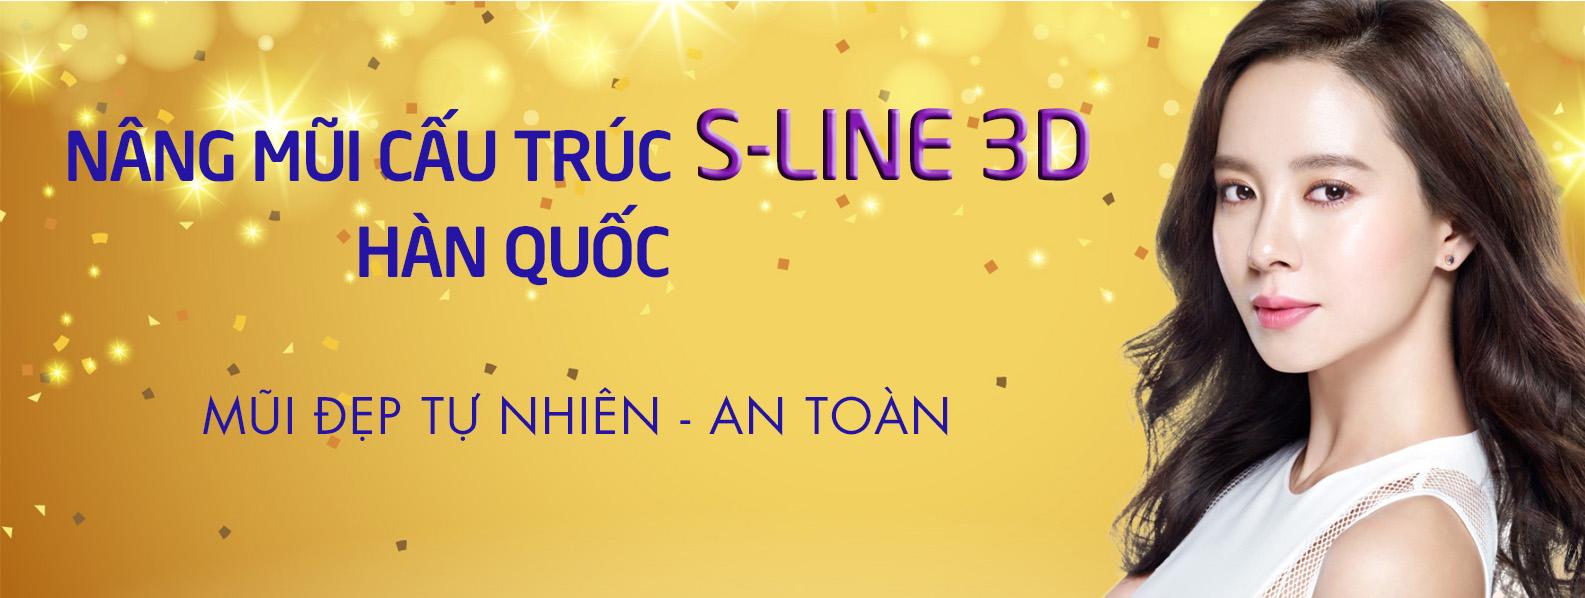 Nâng mũi S-line 3D Hàn Quốc